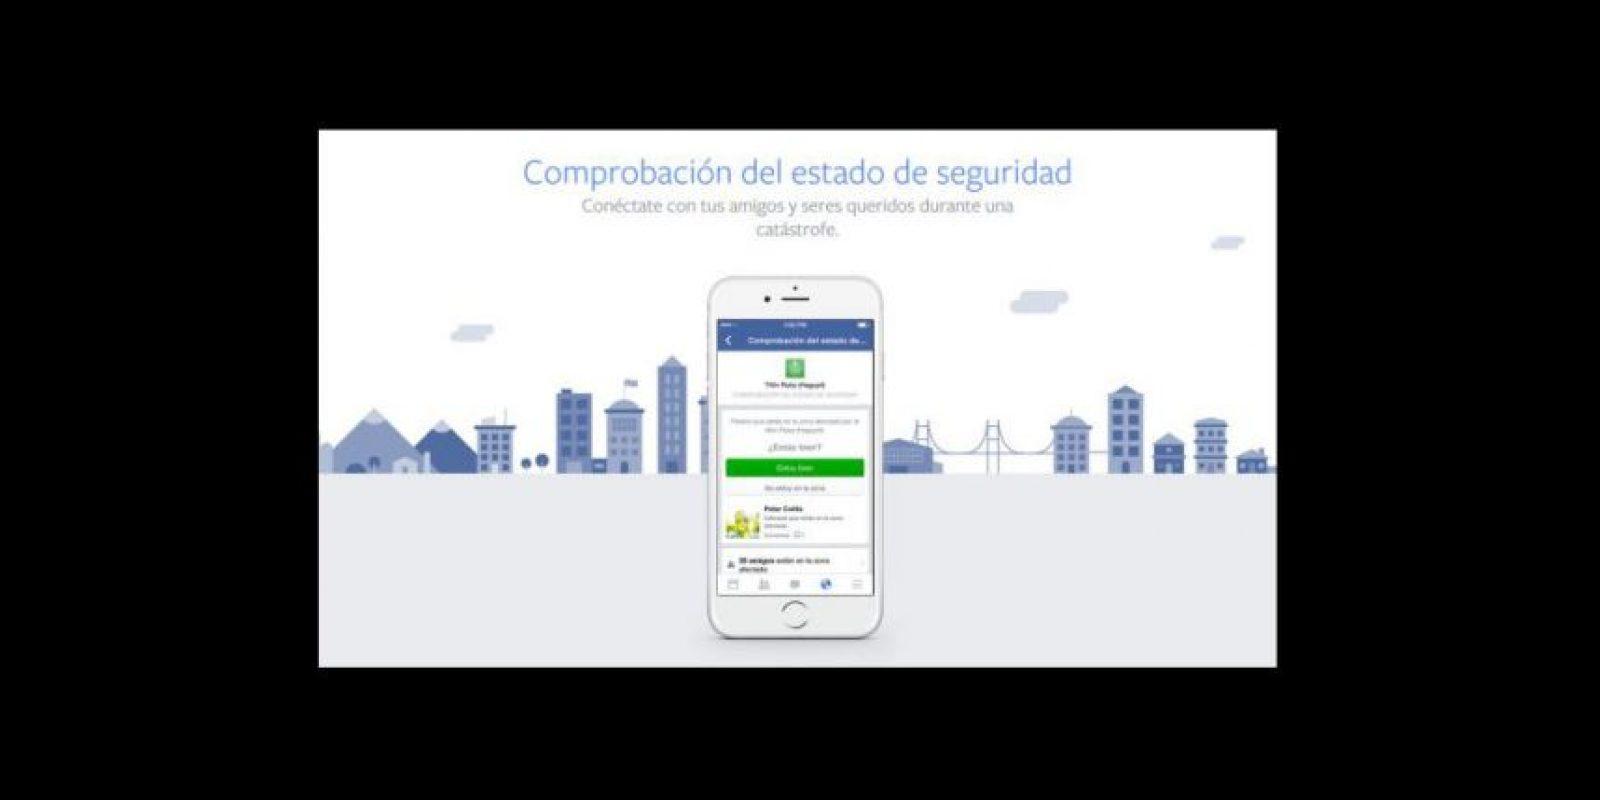 Funciona en celular y web Foto:Facebook